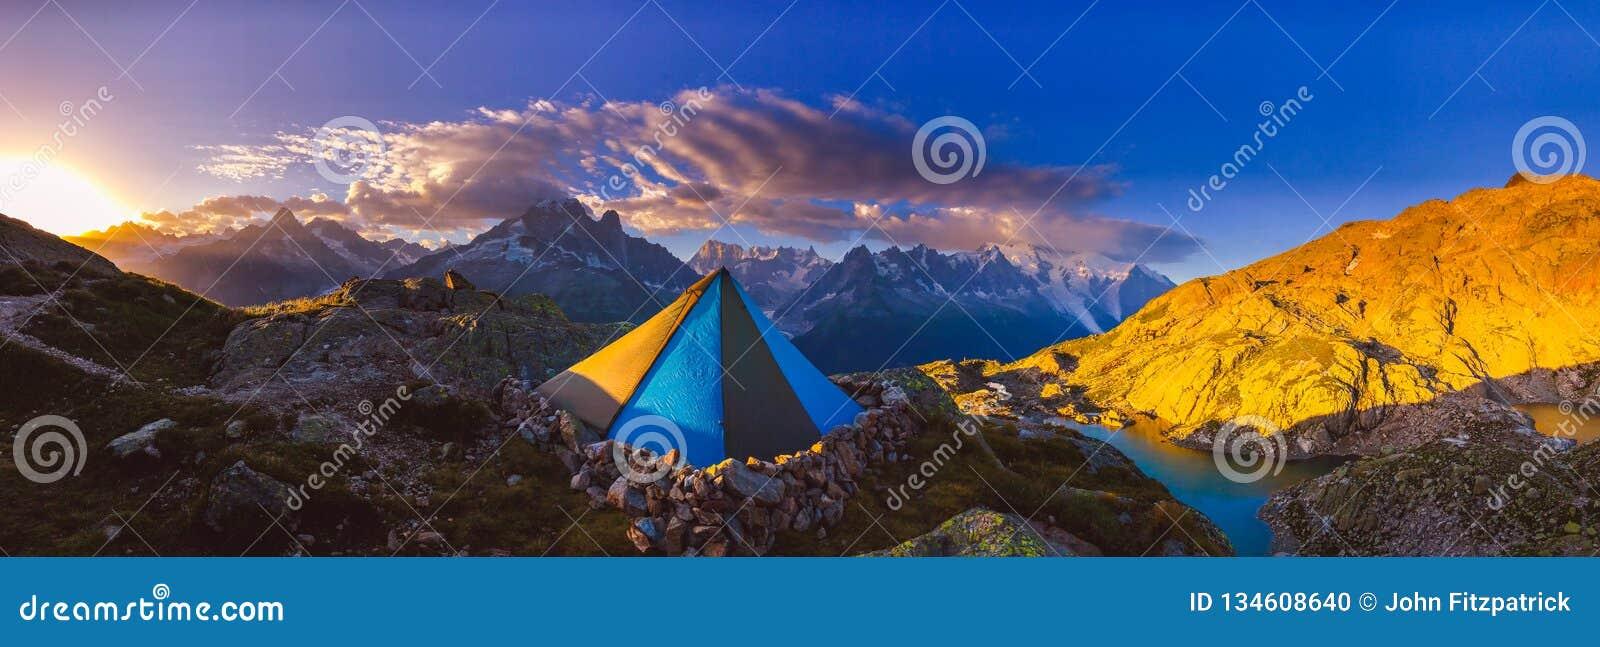 Het vroege zonsopgang lichte breken over de Franse alpen dichtbij Chamonix